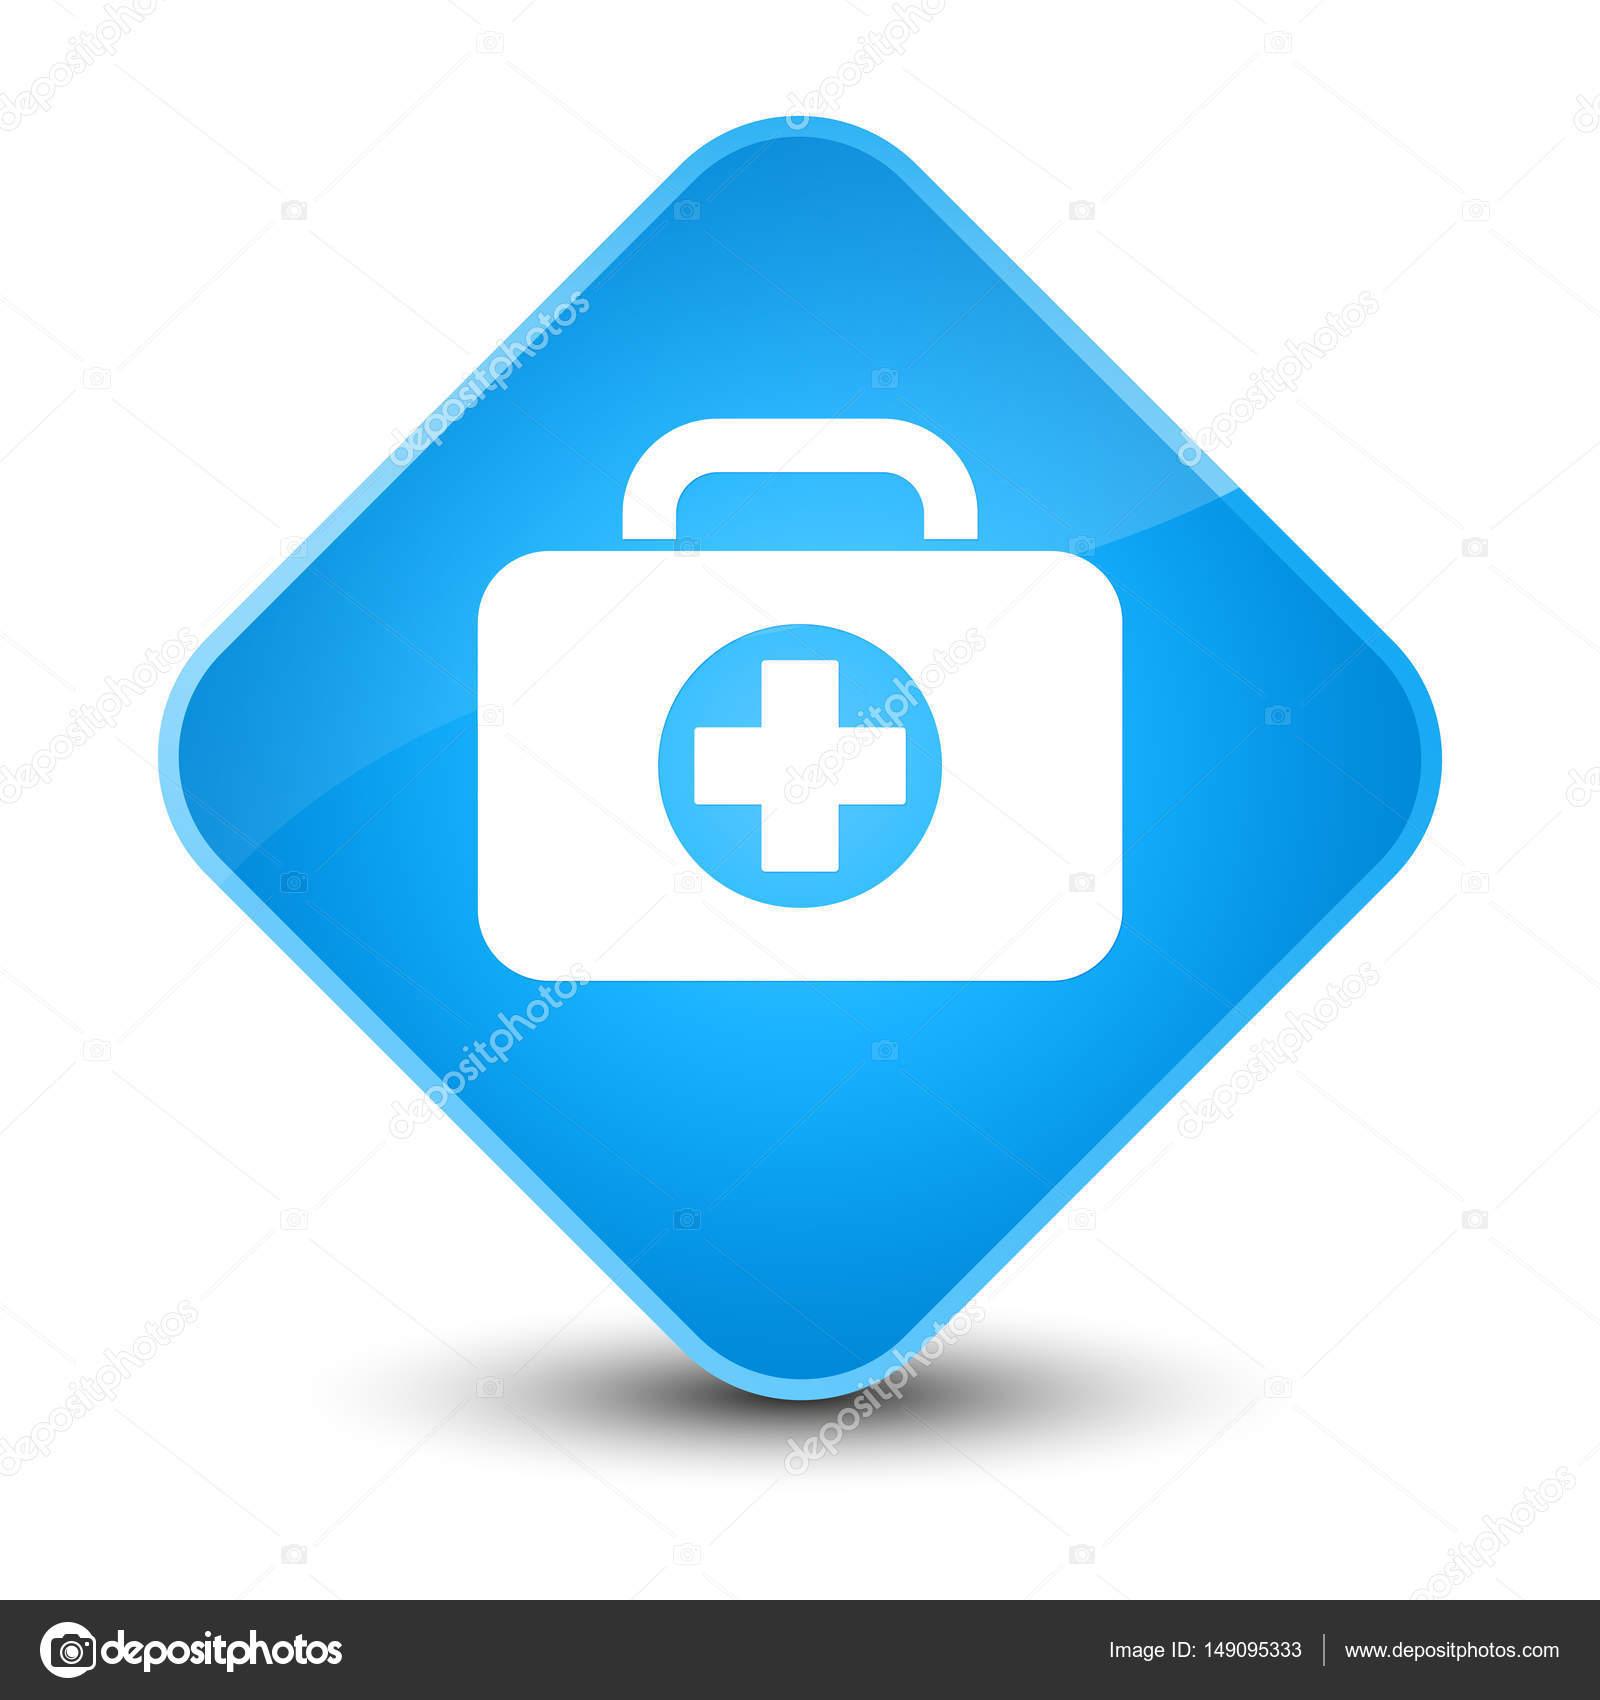 Kit Cyan Tasche Erste Hilfe Symbolschaltfläche Blue Elegante SUGqzMVp